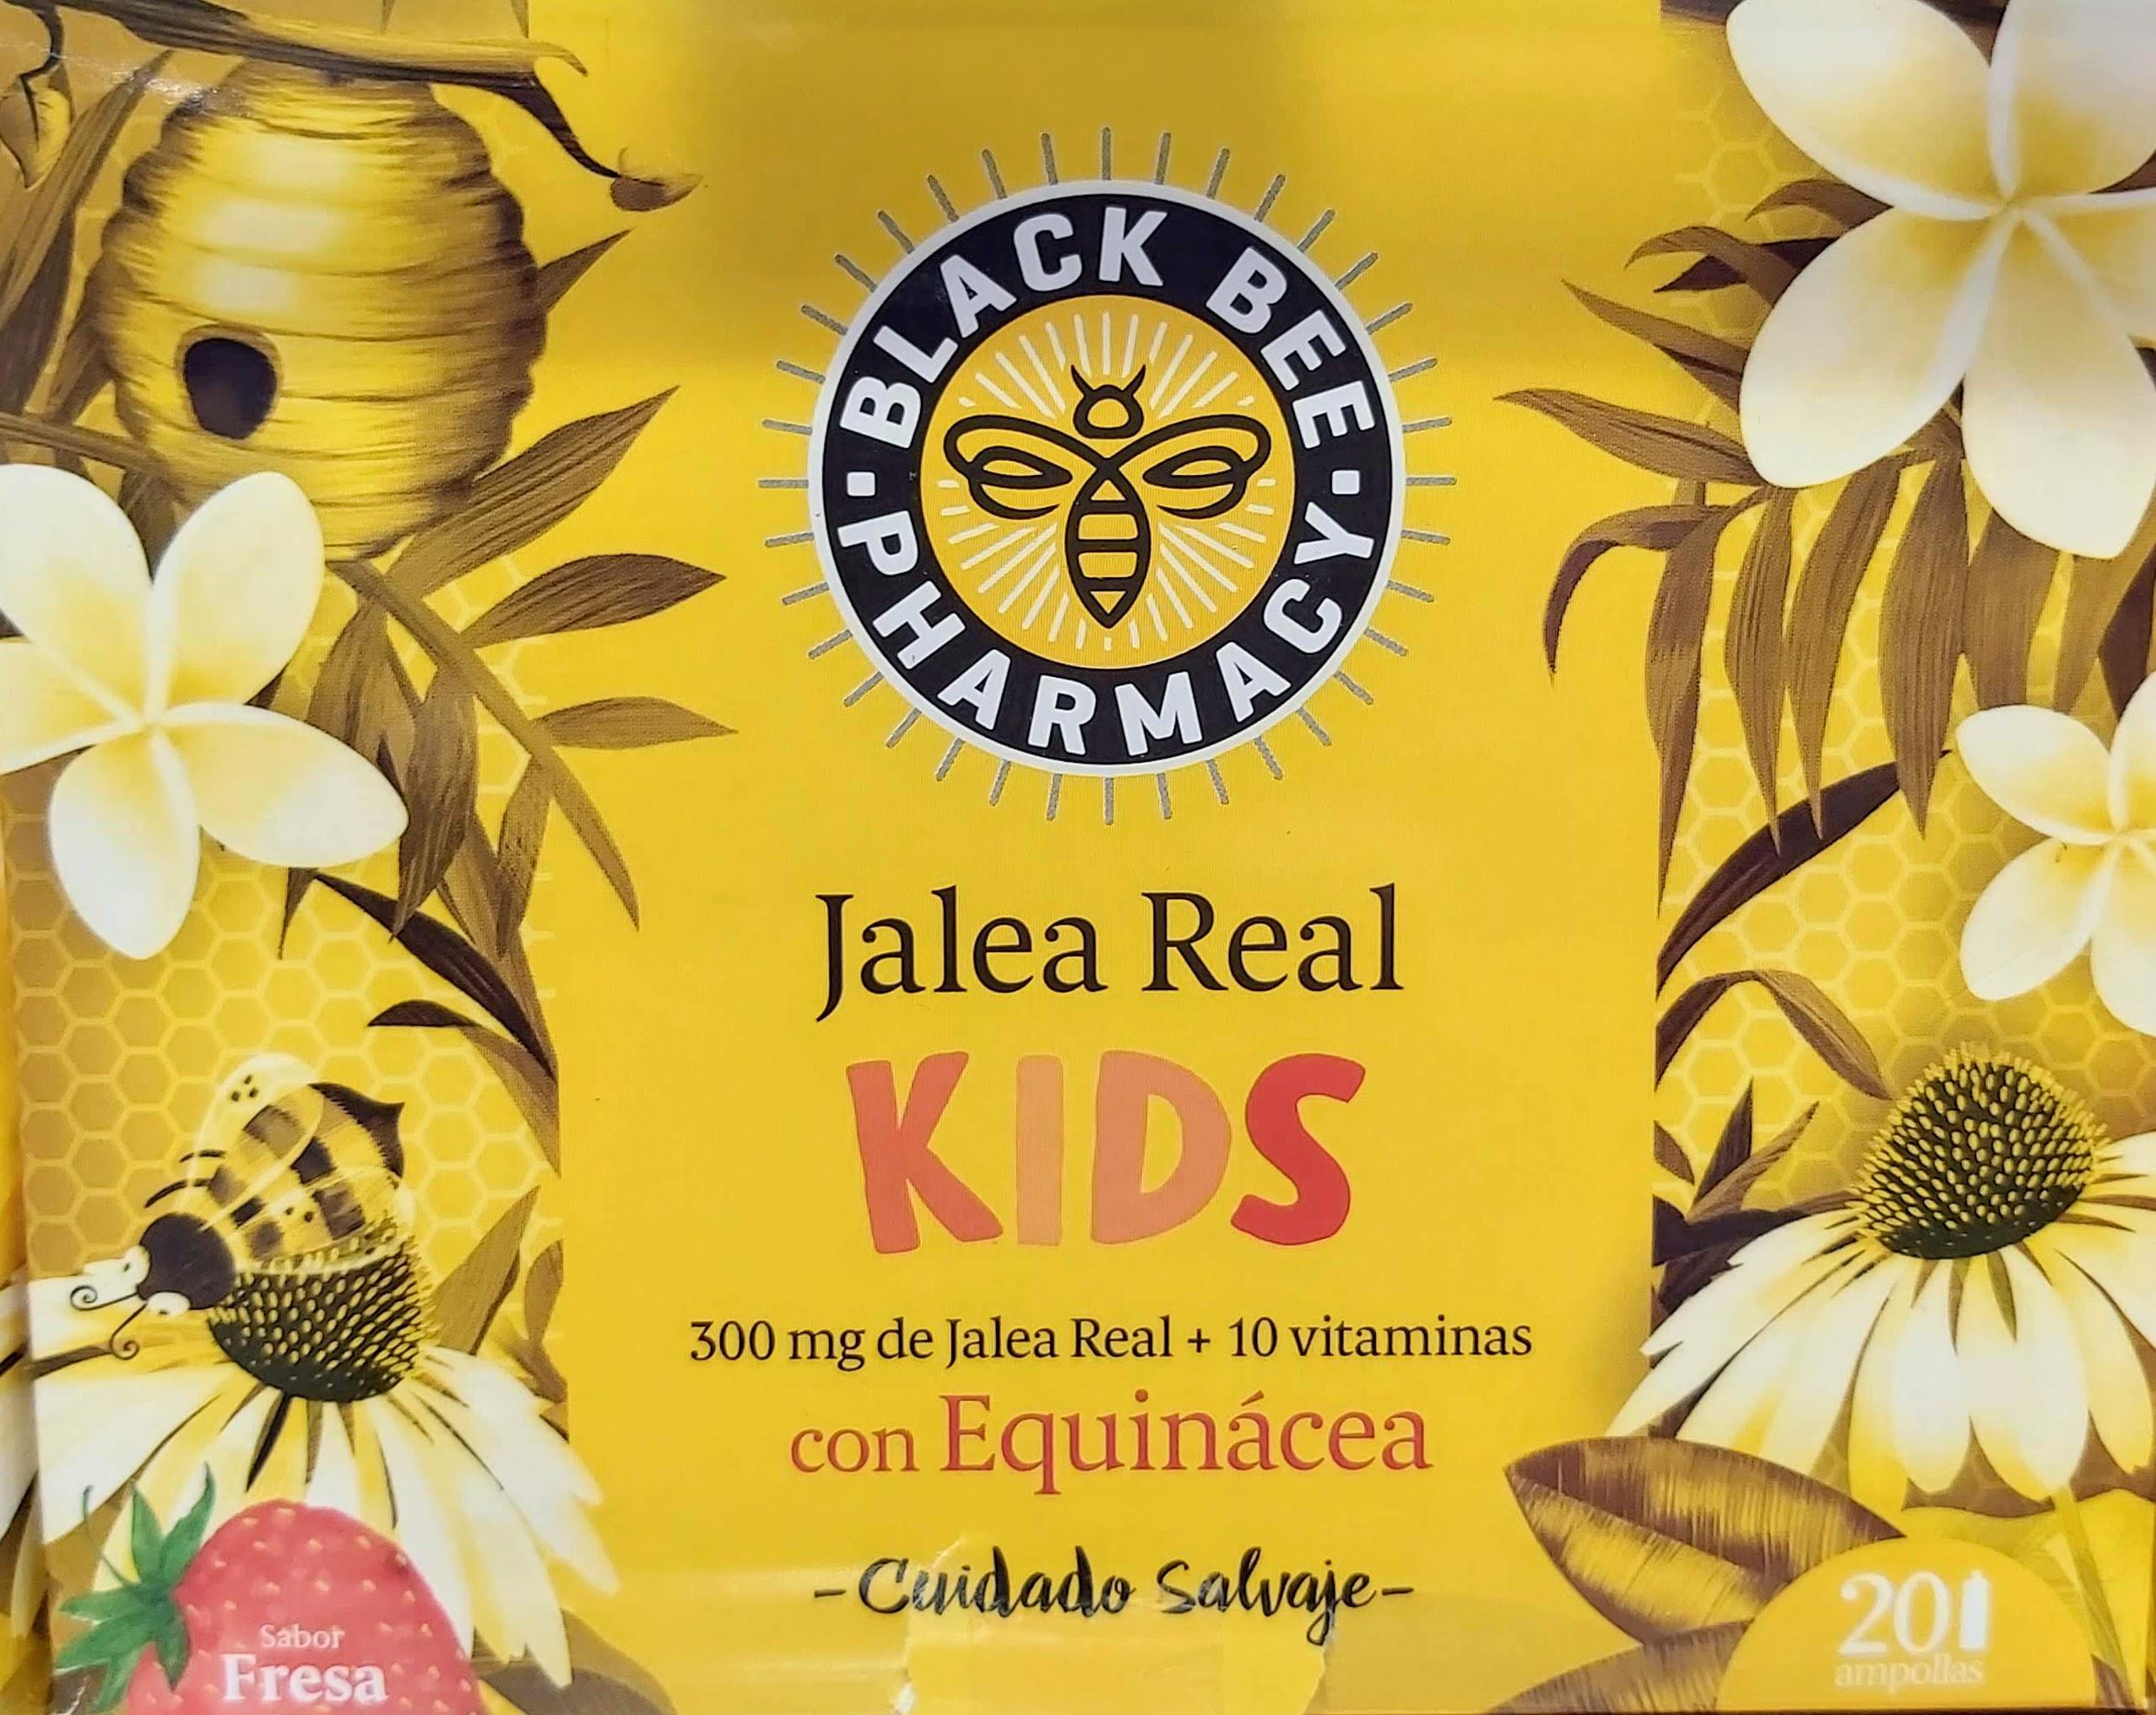 COMPRAR Black Bee Pharmacy Jalea Real Kids es un complemento alimenticio que contribuye al buen funcionamiento del sistema inmunitario de los niños, proporcionando las defensas necesarias para el día a día de los más pequeños de la casa.